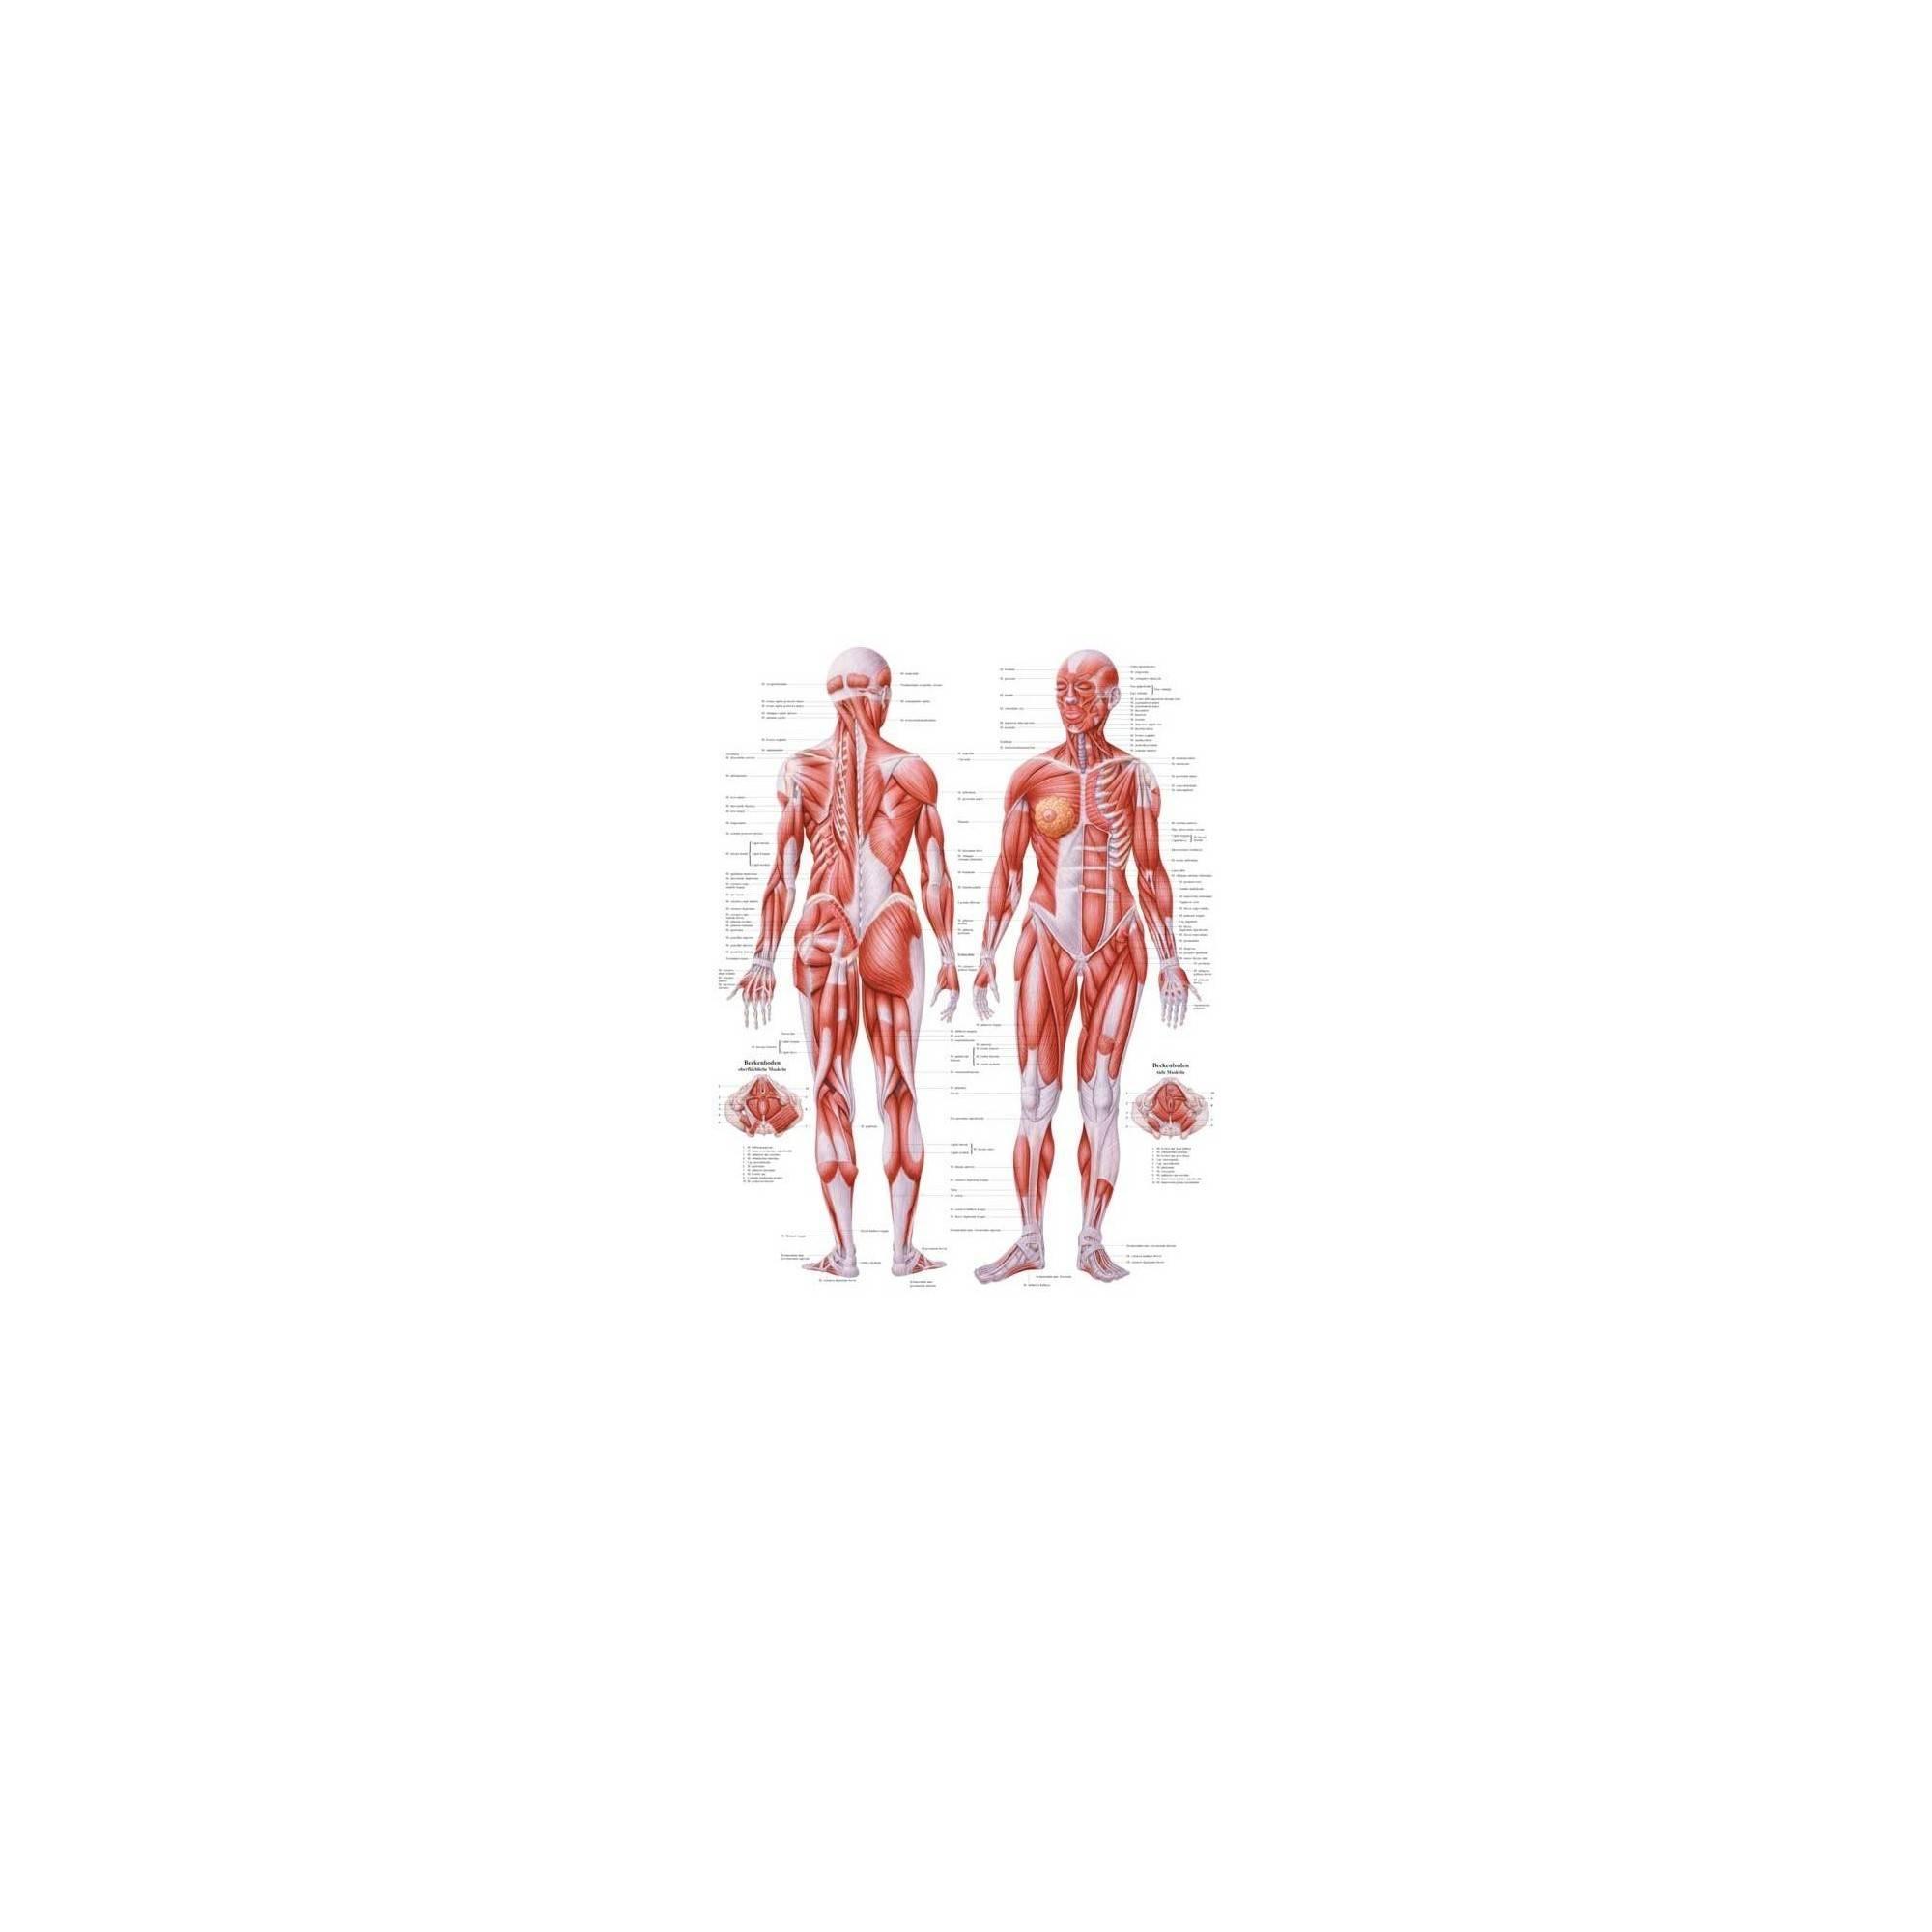 Anatomia człowieka UKŁAD MIĘŚNIOWY KOBIETY poster 70 x 100 cm Rudiger Anatomie - 1 | klubfitness.pl | sprzęt sportowy sport equi